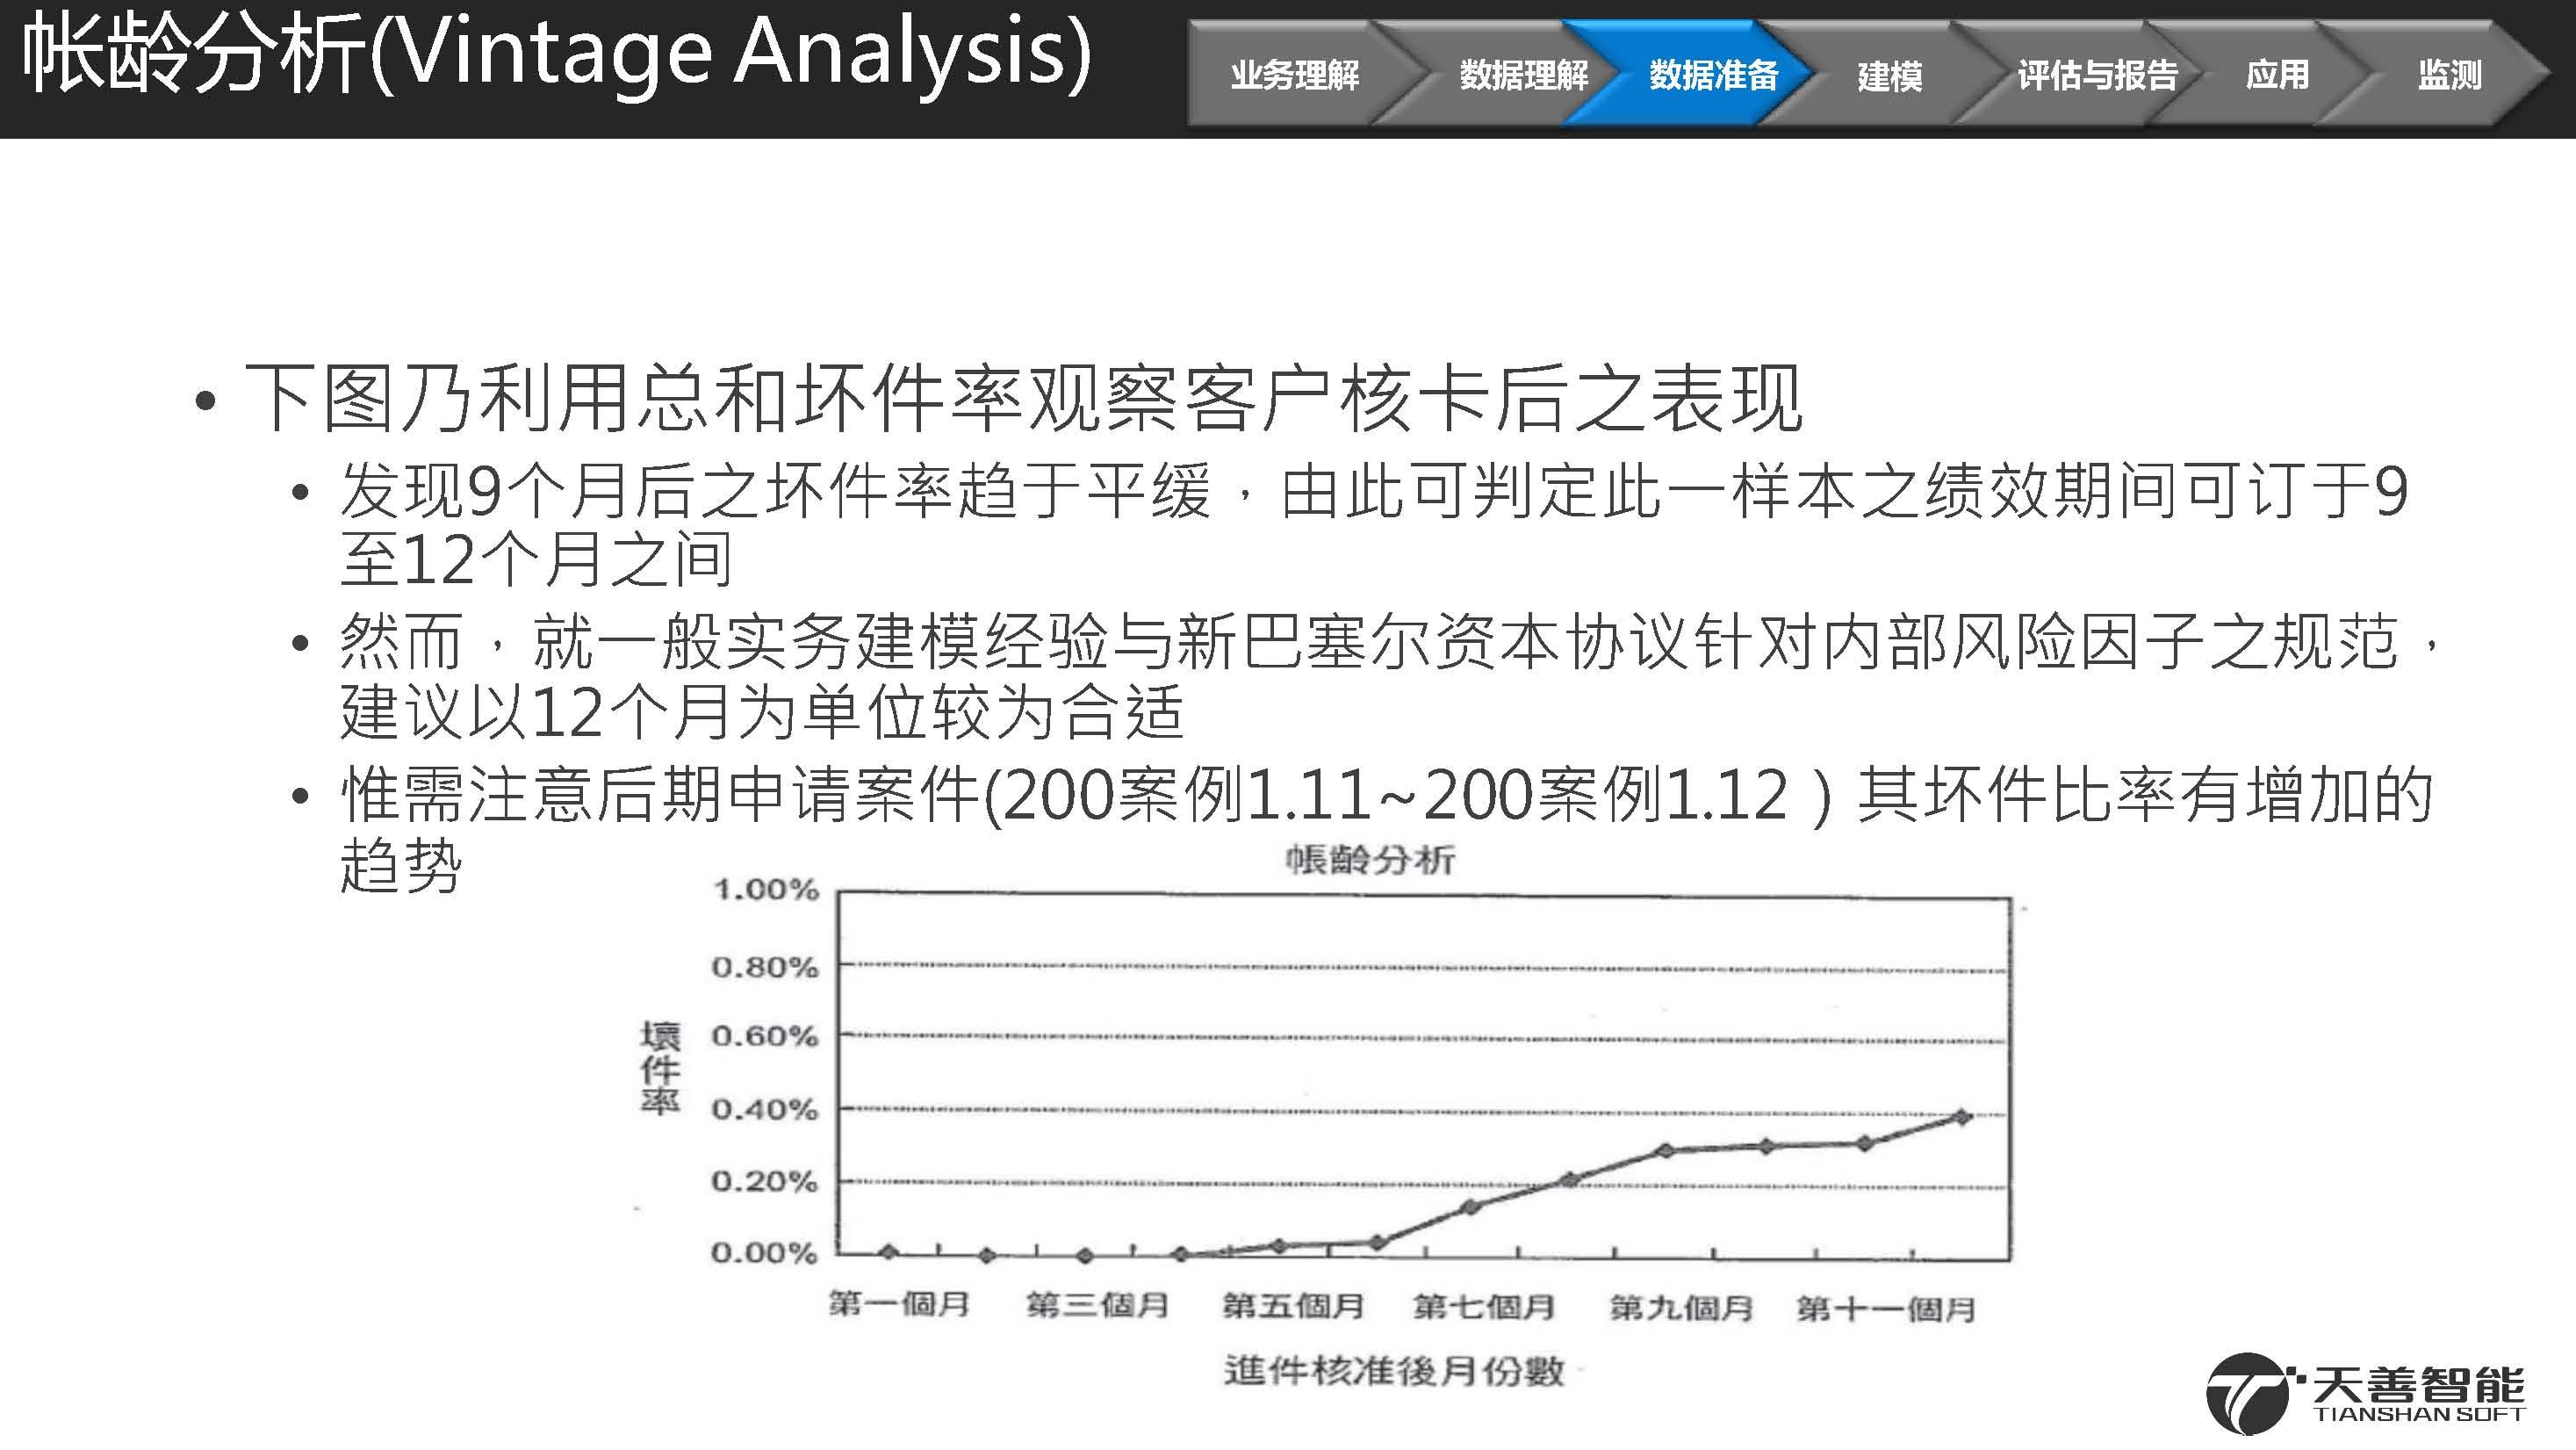 2汽车金融信用违约预测模型案例_页面_16.jpg